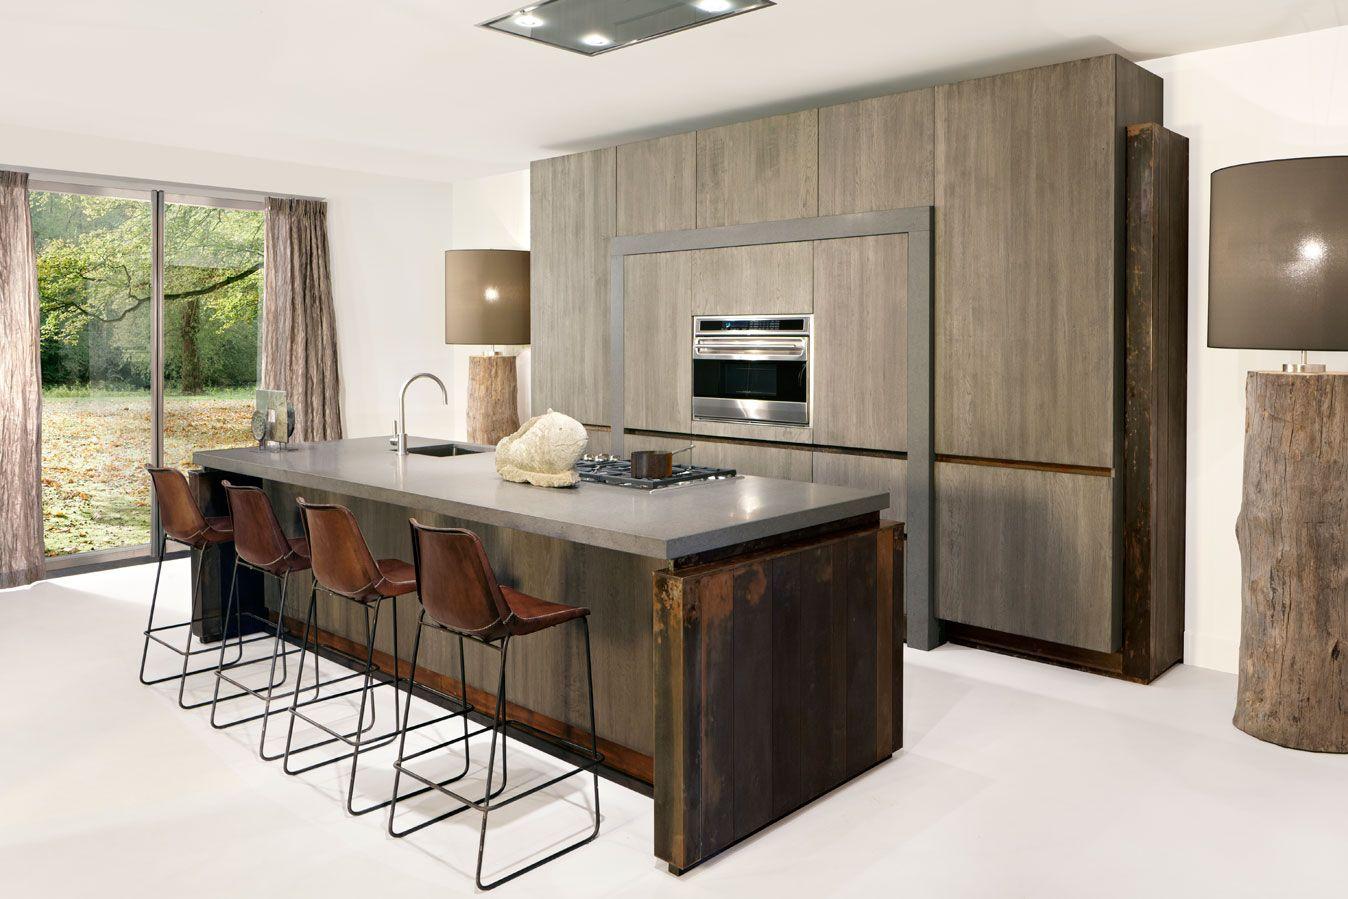 de copper loft is een moderne keuken die opvalt door het gebruik van verweerd koper donker hout